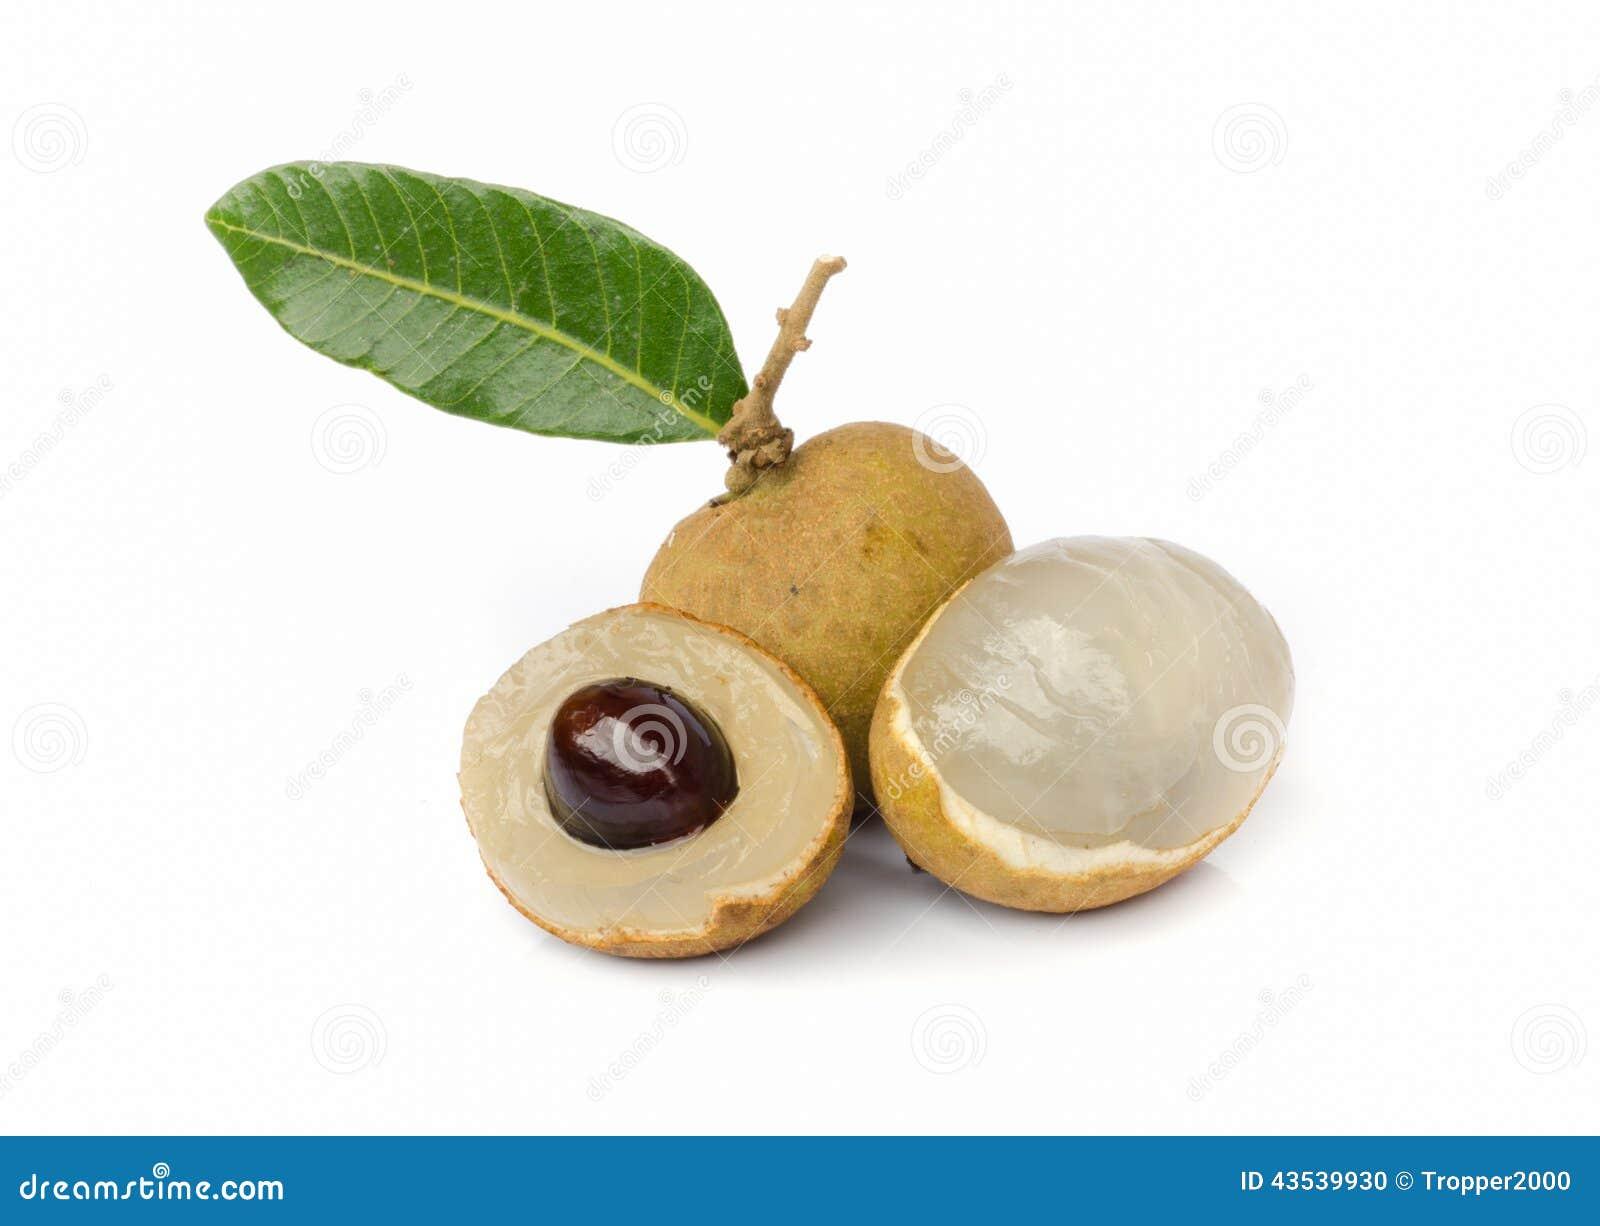 Longan Frucht stockfoto. Bild von farbe, rund, zuckerhaltig - 43539930